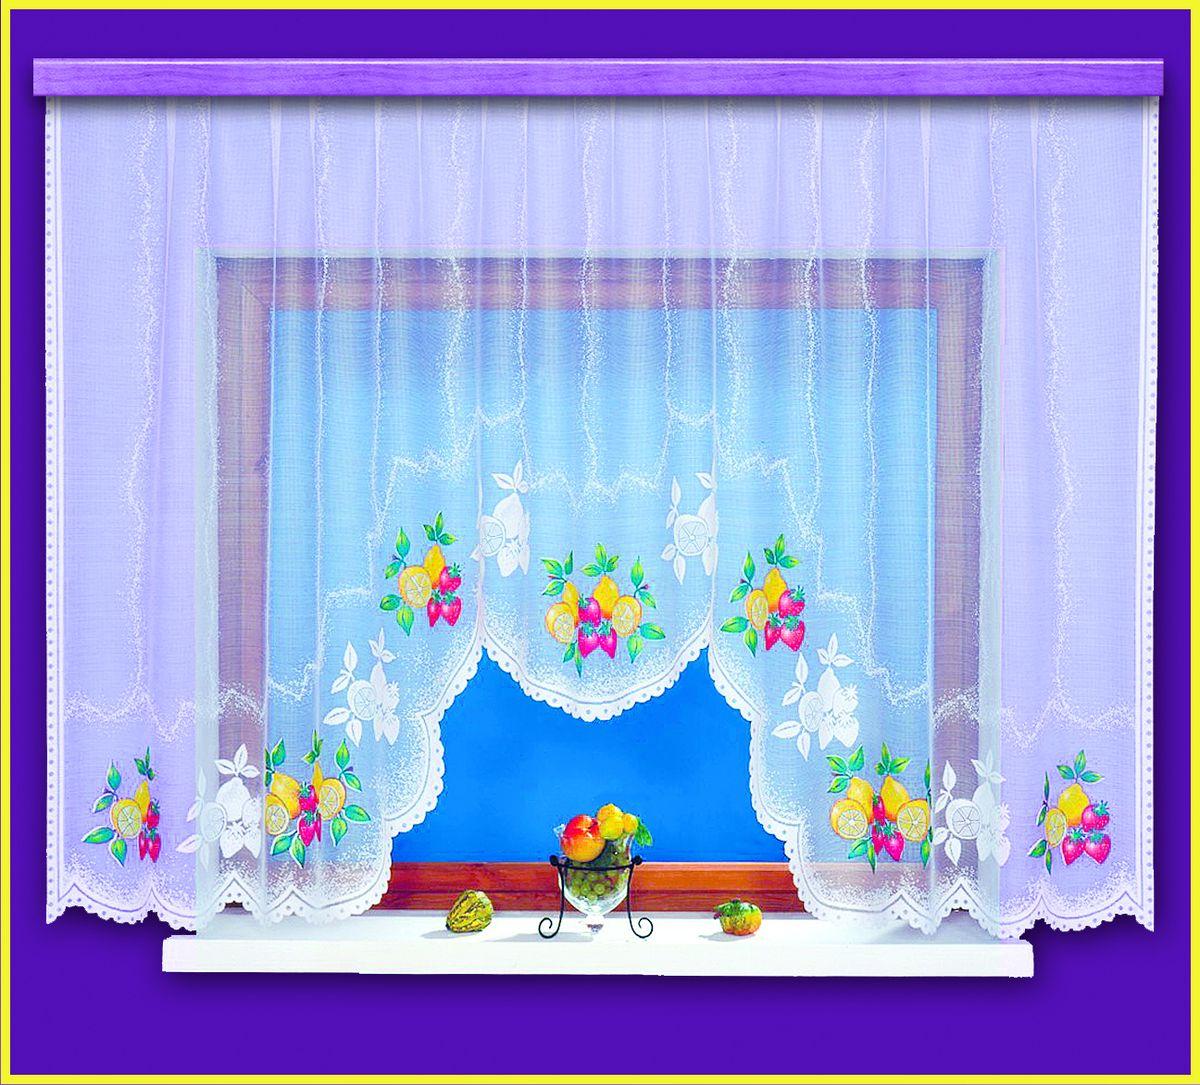 Гардина для кухни Haft Ozdoba Kuchni, цвет: белый, высота 160 см. 99220/1609552Воздушная гардина Haft Ozdoba Kuchni, изготовленная из полиэстера белого цвета, станет великолепным украшением любого окна. Оригинальный фруктовый рисунок, украшающий нижний край гардины, и нежная ажурная фактура материала привлекут к себе внимание и органично впишутся в интерьер комнаты. В гардину вшита шторная лента.Размер гардины: 160 х 300 см.Текстильная компания Haft имеет богатую историю. Основанная в 1878 году в Польше, эта фирма зарекомендовала себя в качестве одного из лидеров текстильной промышленности в Европе. Еще в начале XX века фабрика Haft производила 90% всех текстильных изделий в своей стране, с годами производство расширялось, накопленный опыт позволял наиболее выгодно использовать развивающиеся технологии. Главный ассортимент компании - это тюль и занавески. Haft предлагает готовые решения дляваших окон, выпуская готовые наборы штор, которые остается только распаковать и повесить. Модельный ряд отличает оригинальный дизайн, высокое качество. Занавески, шторы, гардины Haft долговечны, прочны, практически не сминаемы, они не притягивают пыль и за ними легко ухаживать.Вся продукция бренда Haft выполнена на современном оборудовании из лучших материалов.